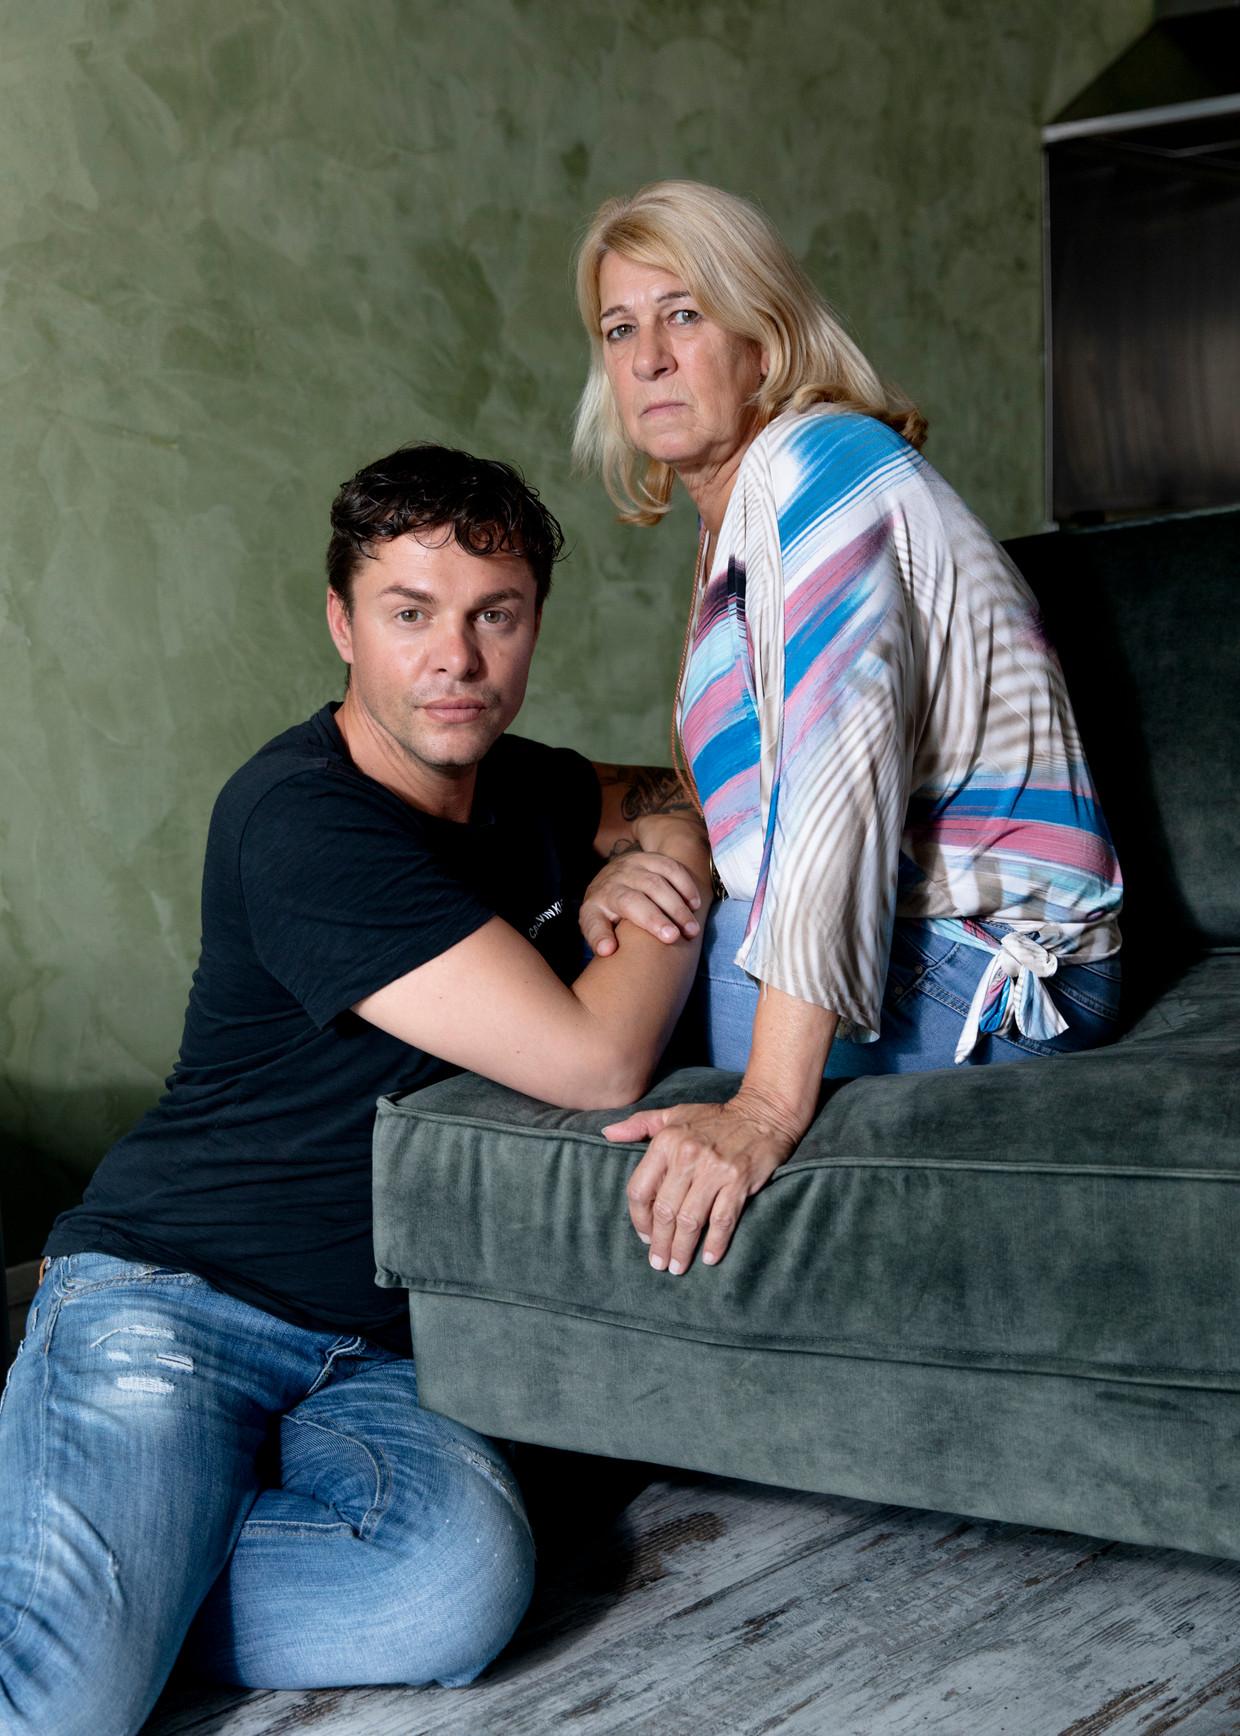 Ricardo Visscher en zijn moeder Marga den Ridder. 'Had ik het toen geweten, dan had ik Ricardo aan zijn pruik uit die club getrokken.' Beeld Lin Woldendorp